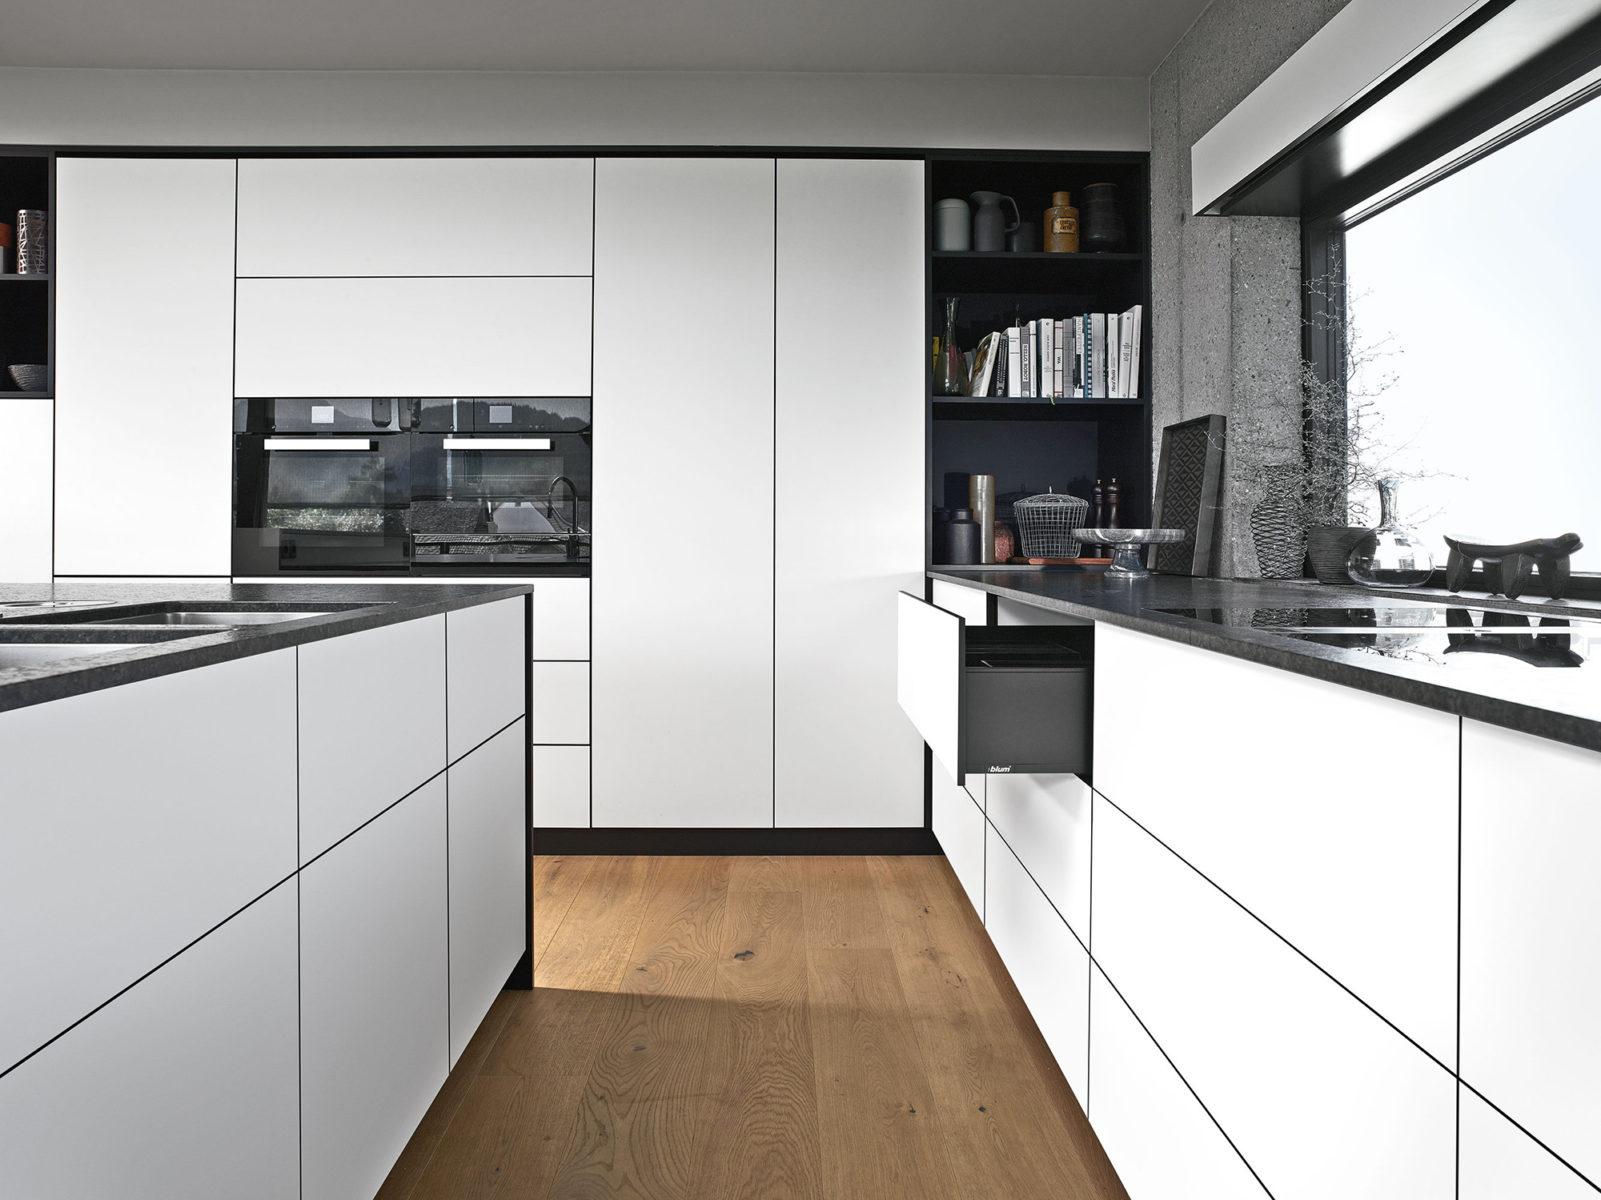 Фото кухні для натхнення. Як вироби Блюм дають змогу вдало поєднати дизайн та функціонал